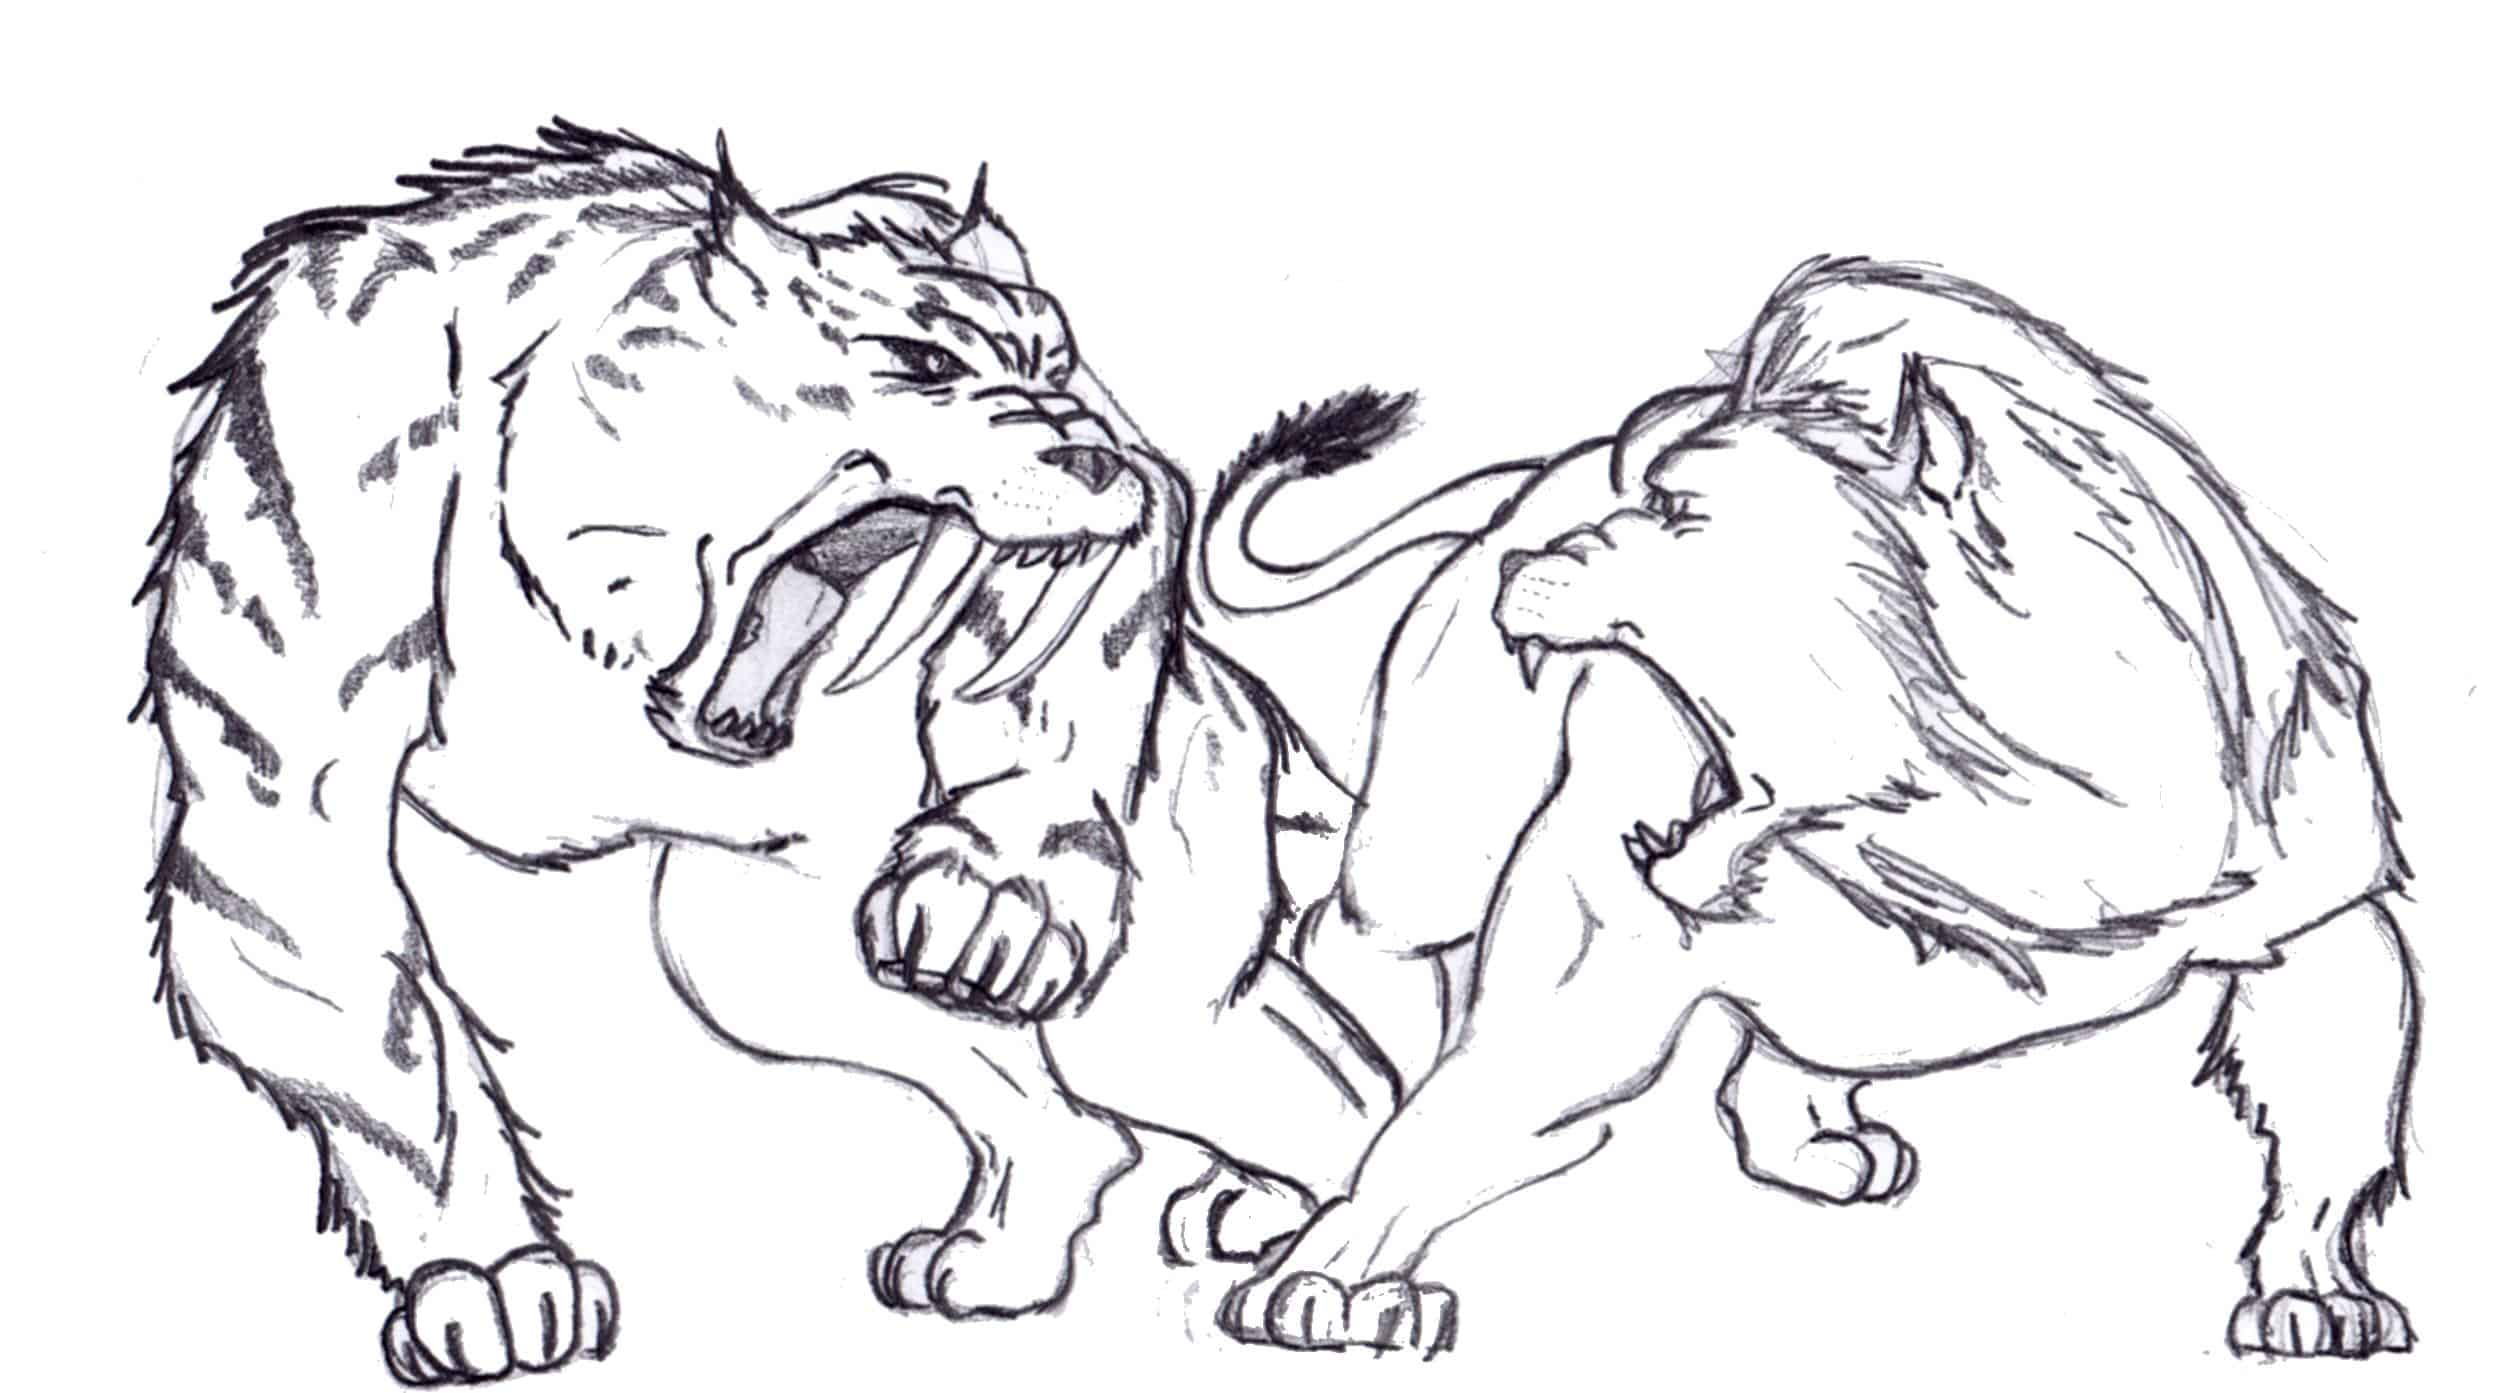 smilodon contra león, muy parecidos y muy diferentes a la vez.